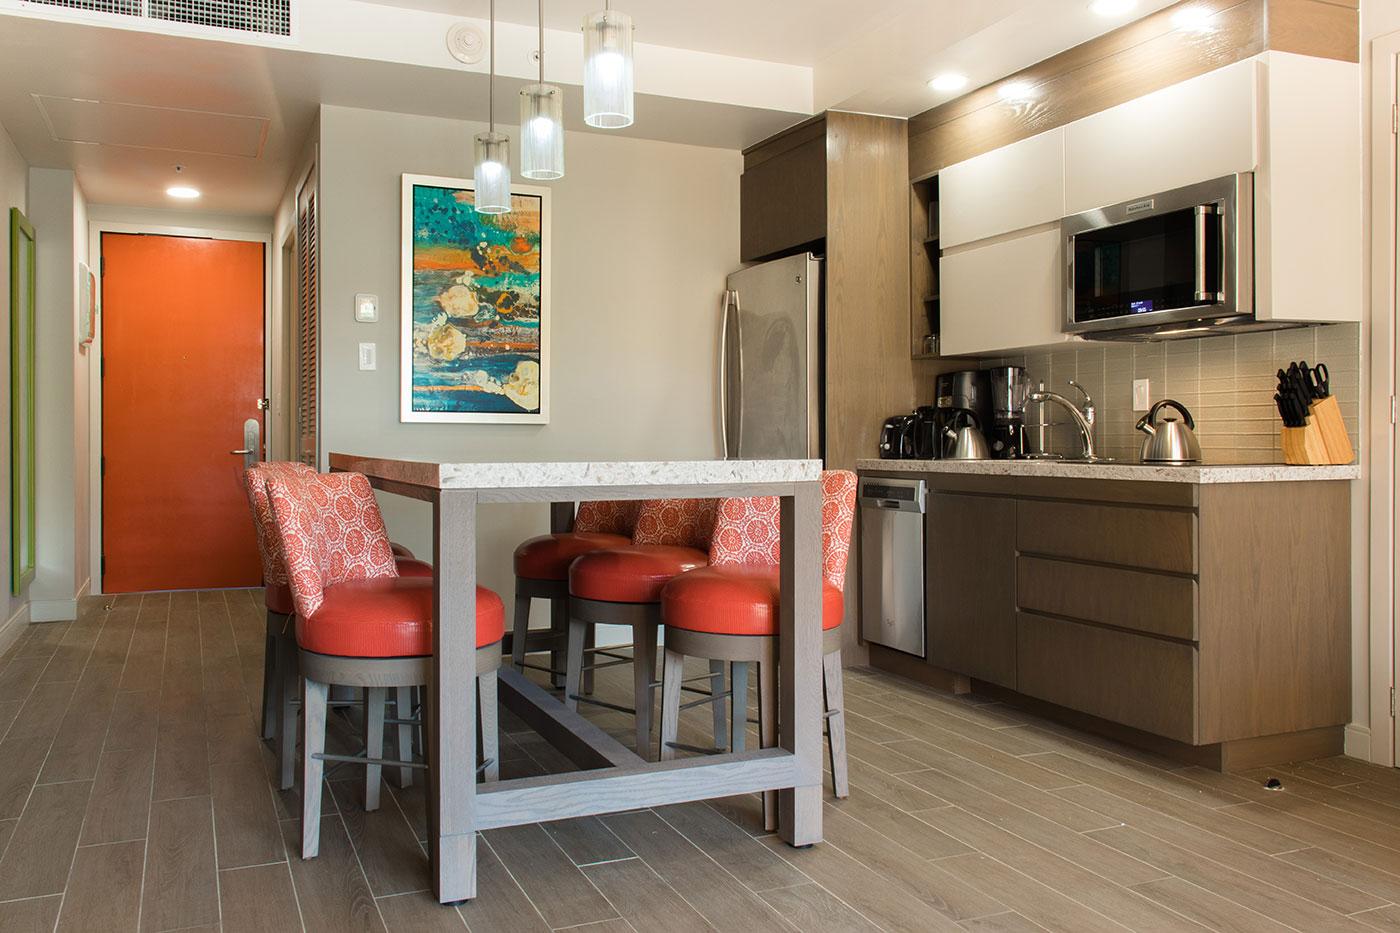 Proyectos SPAD Constructora, Remodelación de habitaciones Westin, Cocina y comedor decoración, Diseño de Interiores, Arquitectura, Puerto Vallarta, Jalisco, México